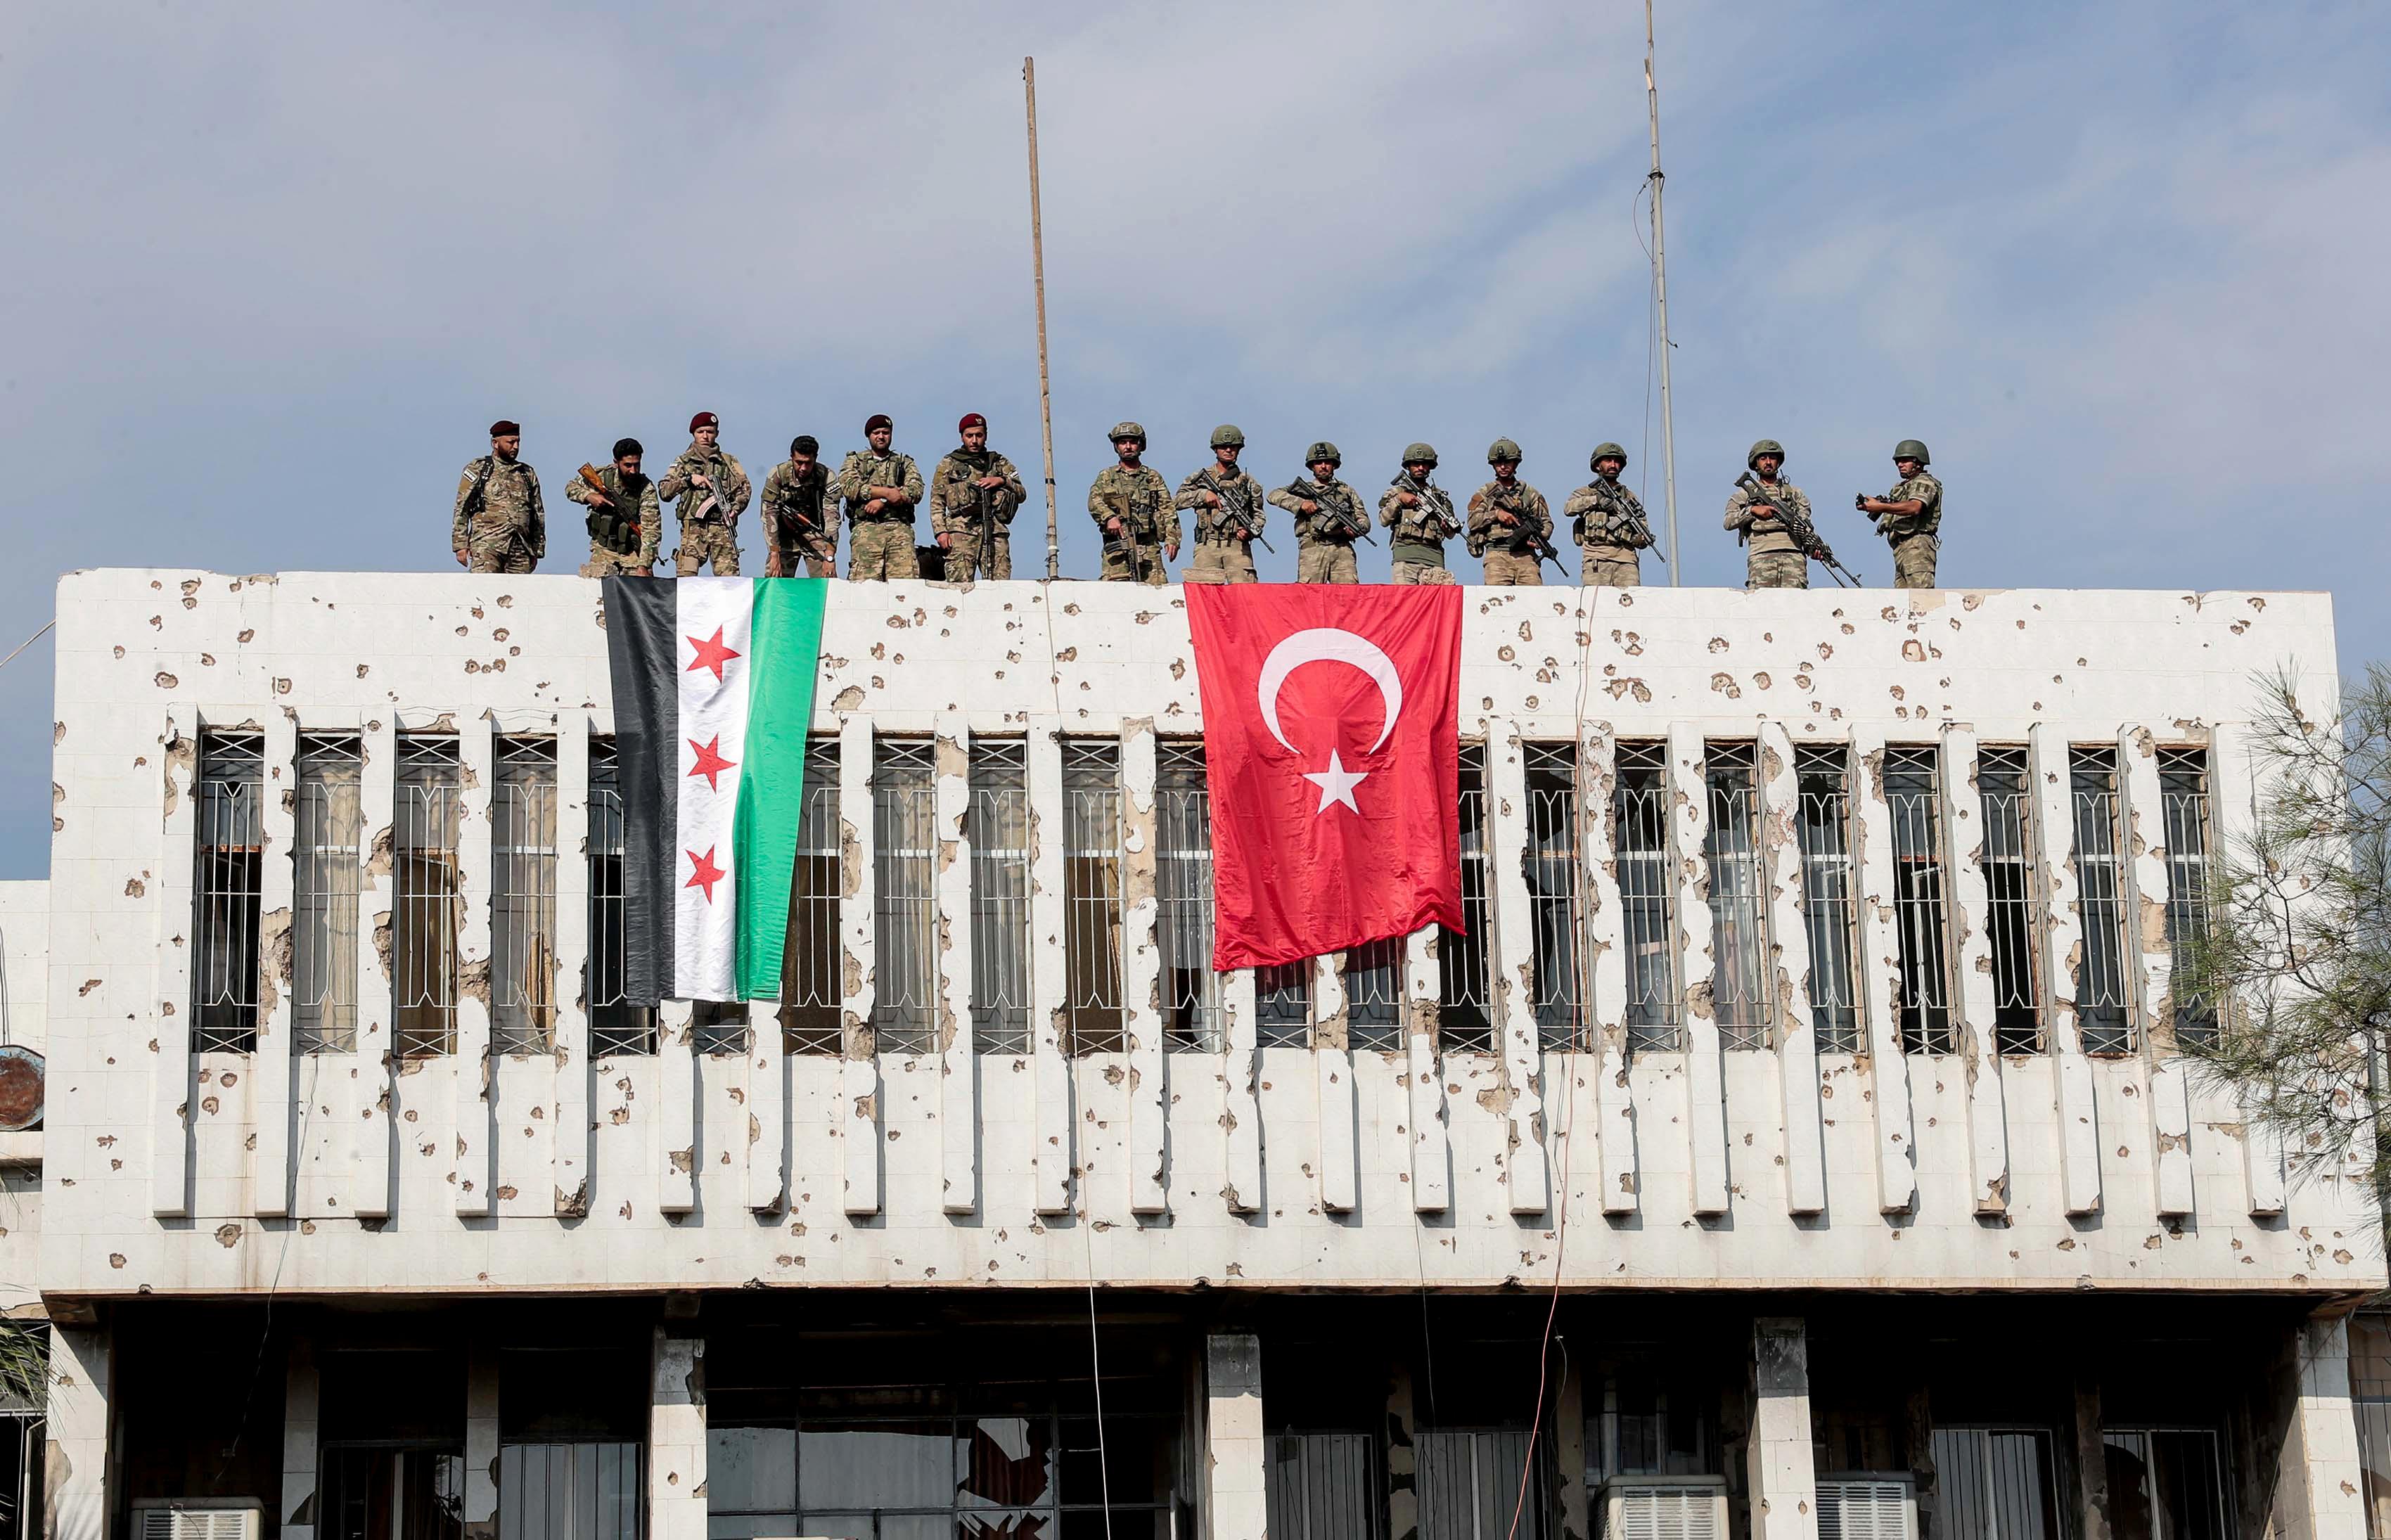 Συρία: 15 συνοριακά φυλάκια απέναντι στην Τουρκία στήνει η Δαμασκός